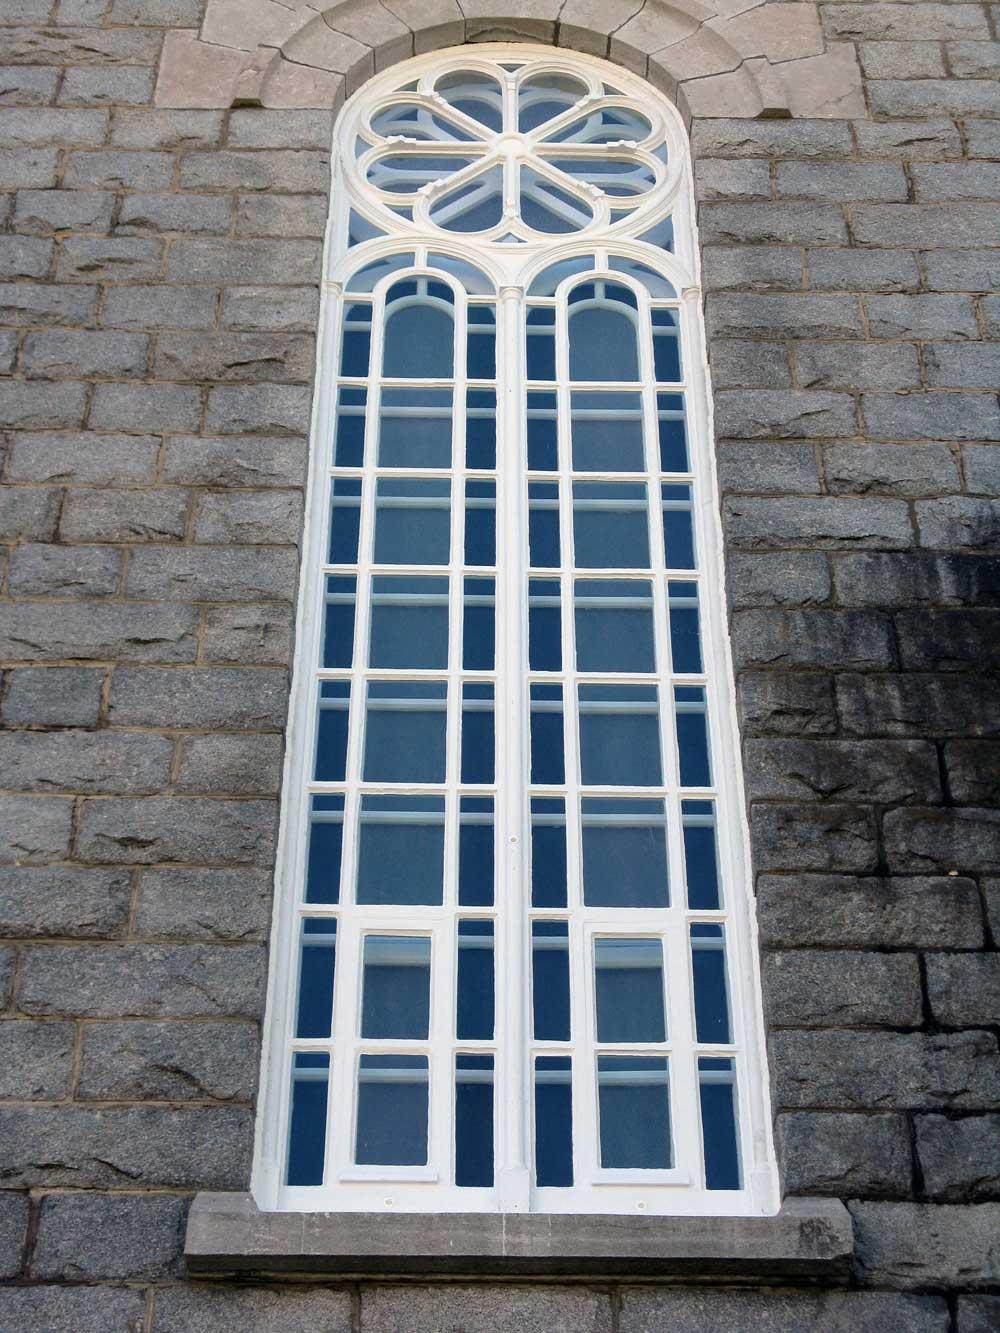 Église de Saint-Cyrile-de-Lessard - Fenêtre de la nef après restauration.